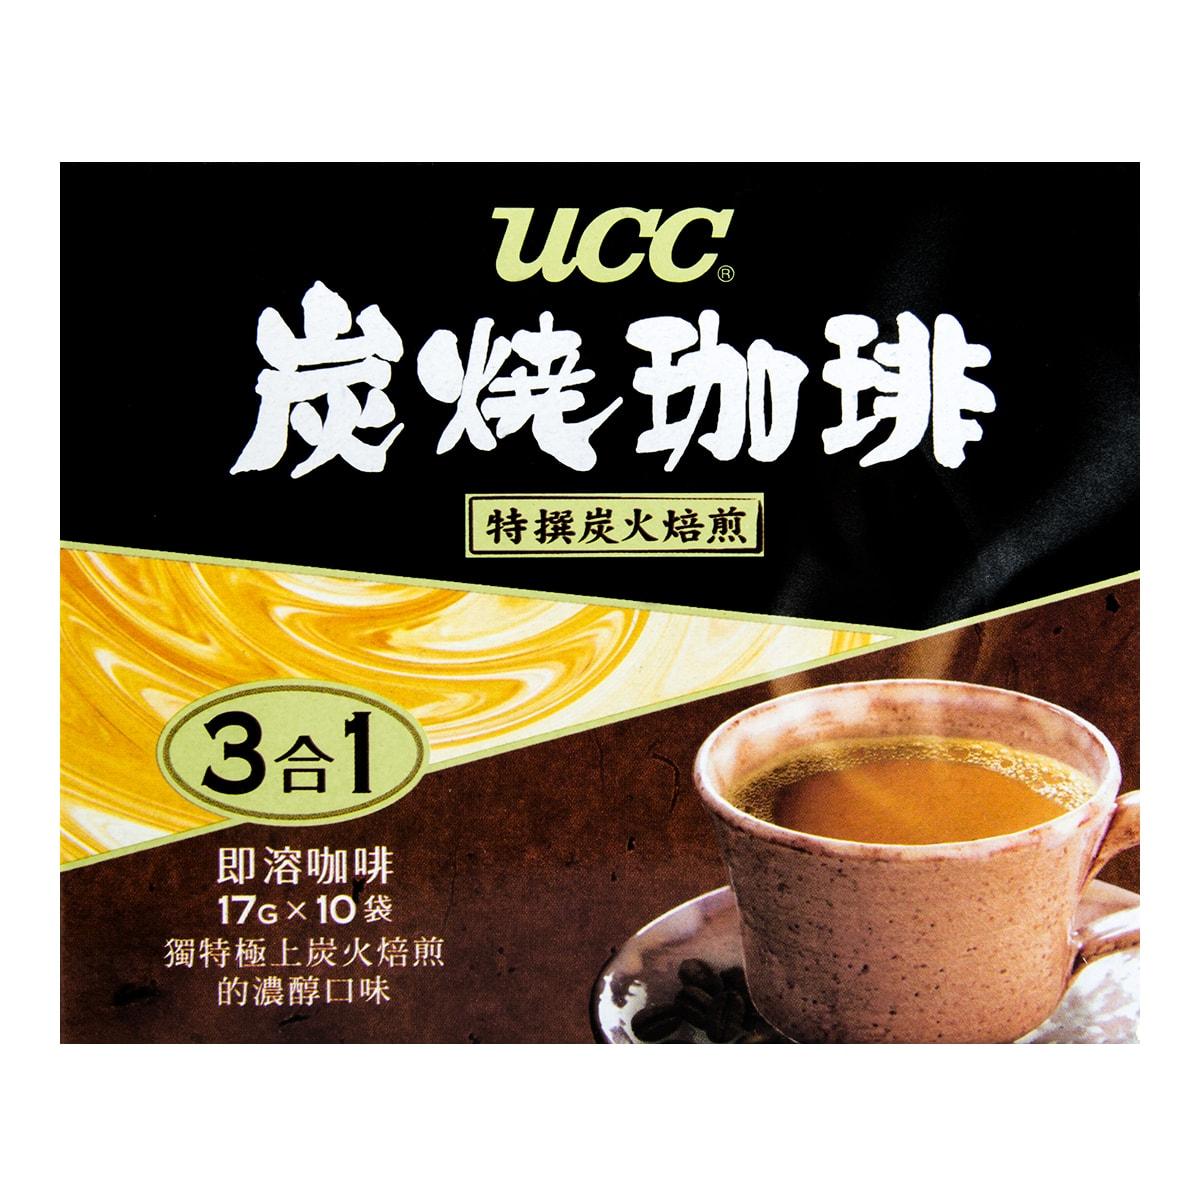 日本UCC 炭烧咖啡 3合1 即溶咖啡 10袋入 17g*10